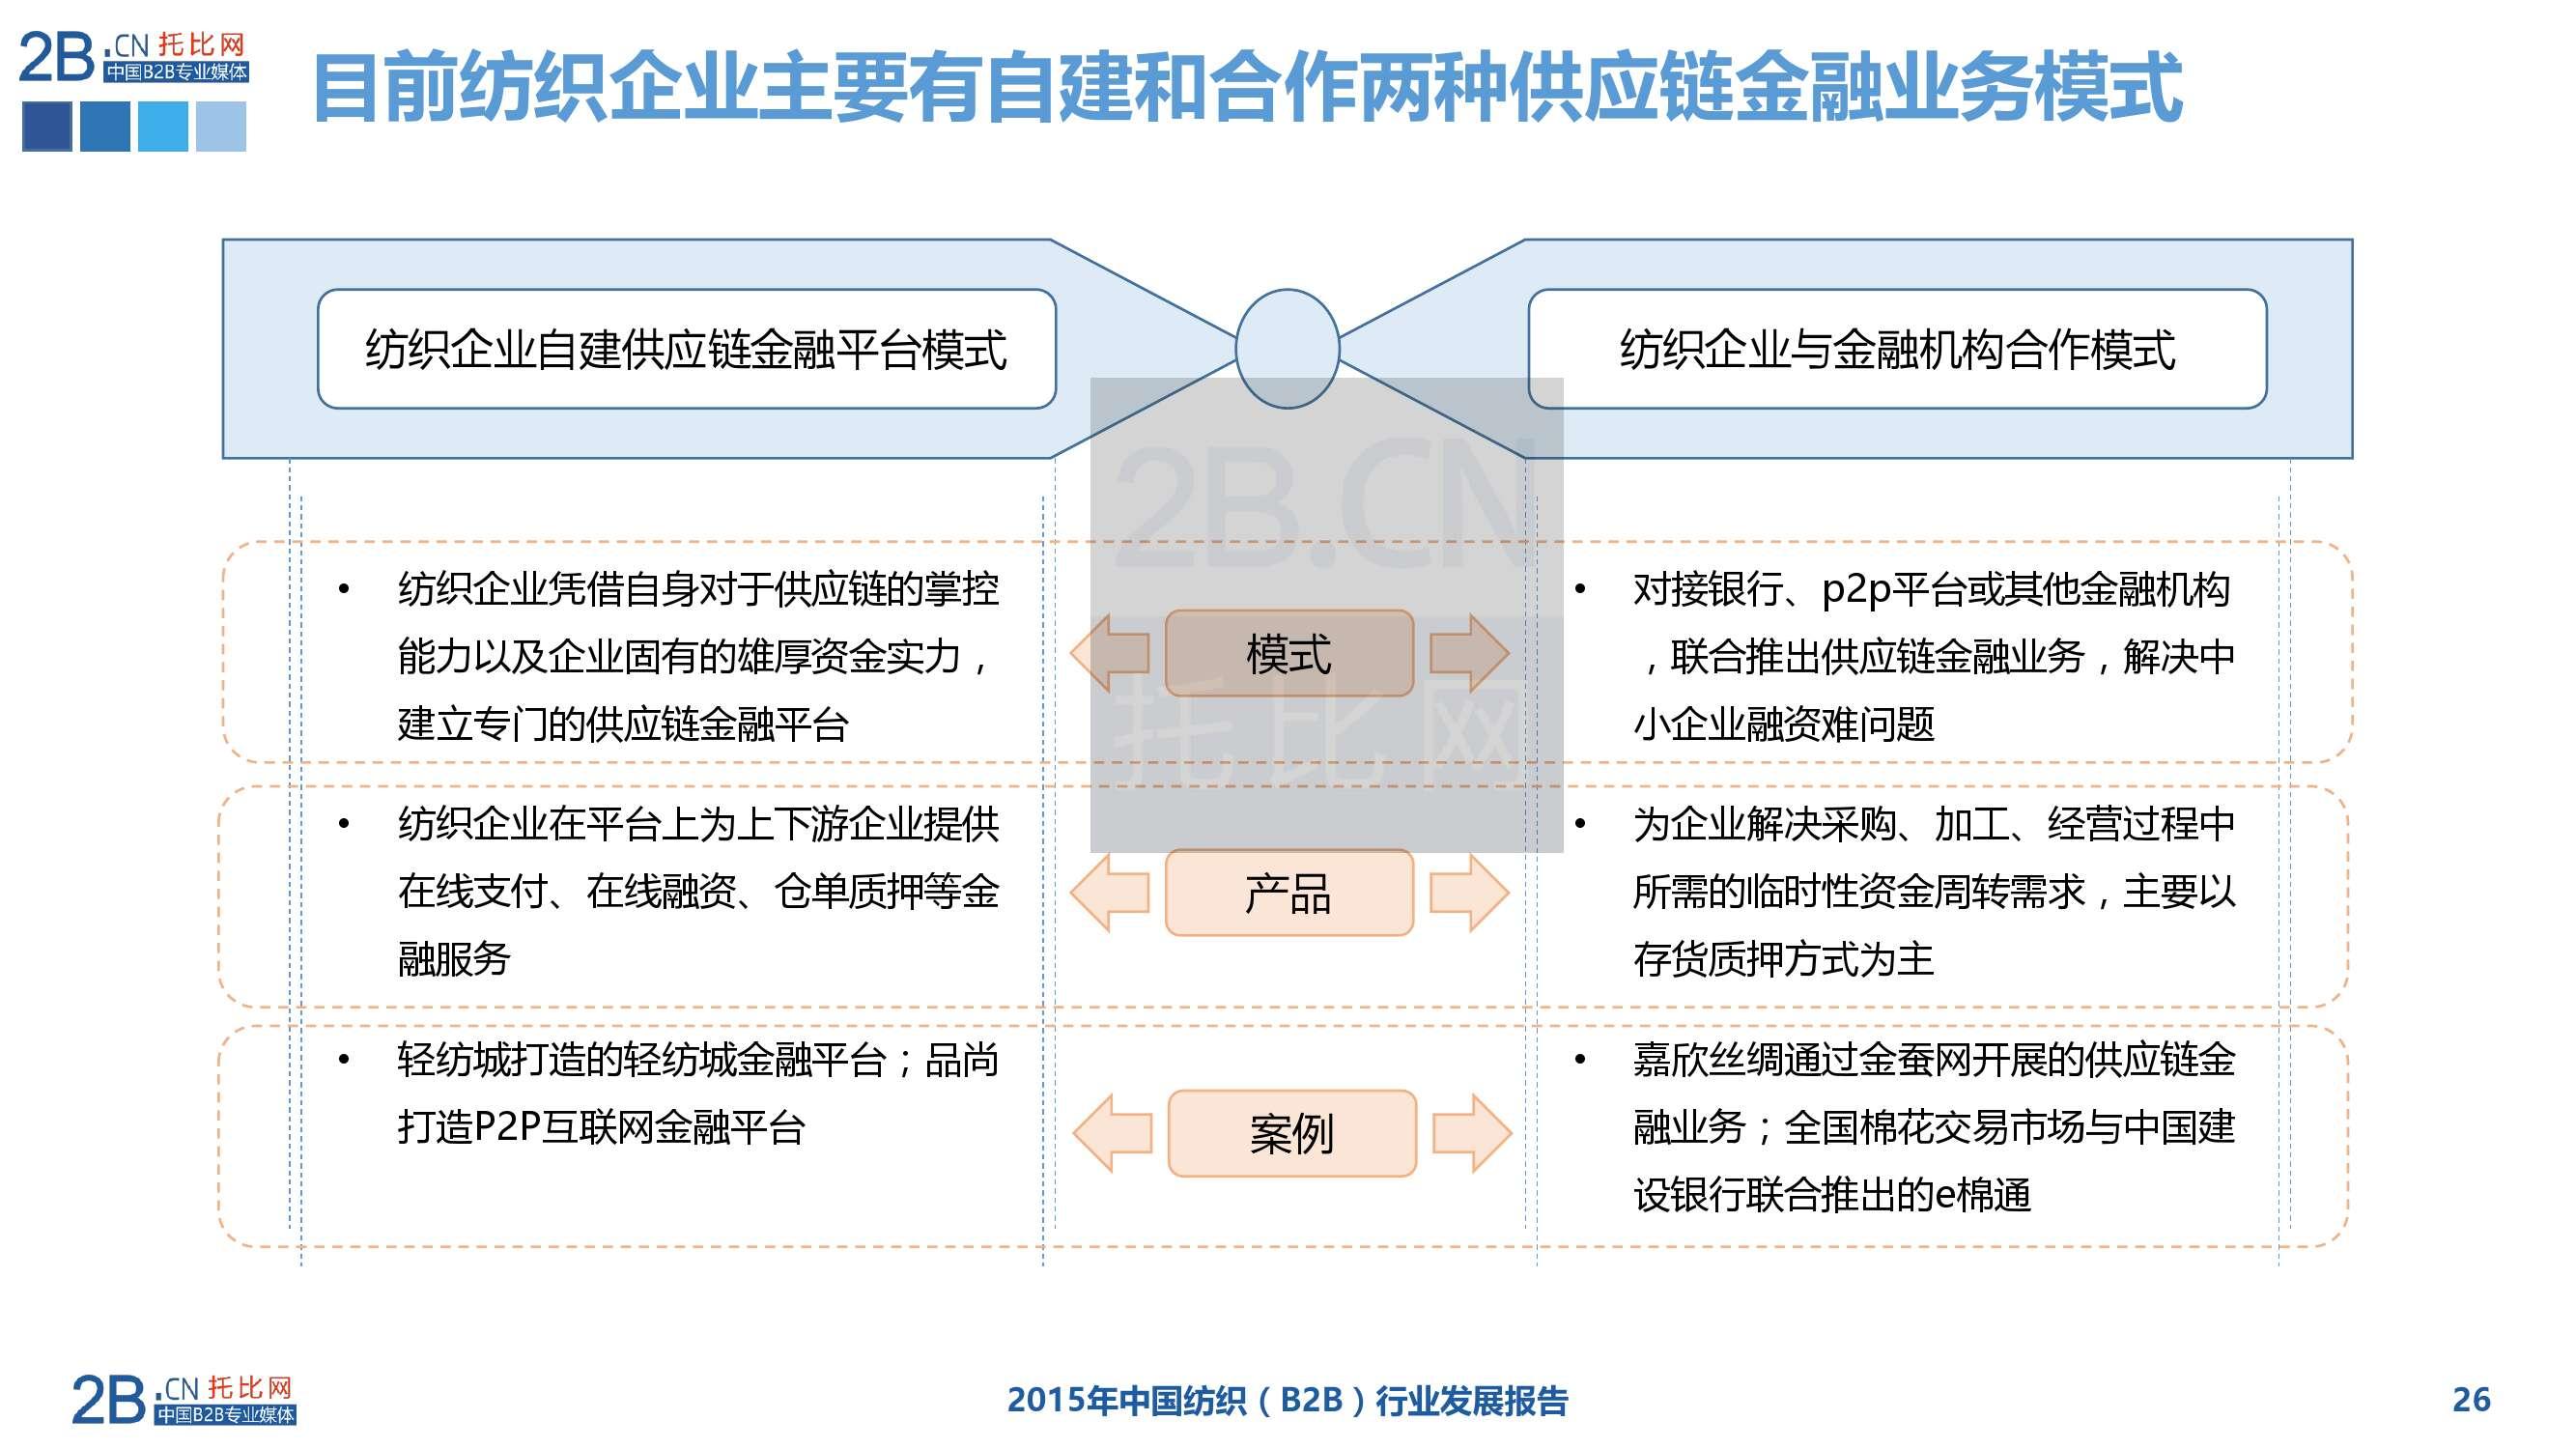 2015年中国纺织服装B2B行业发展报告_000026